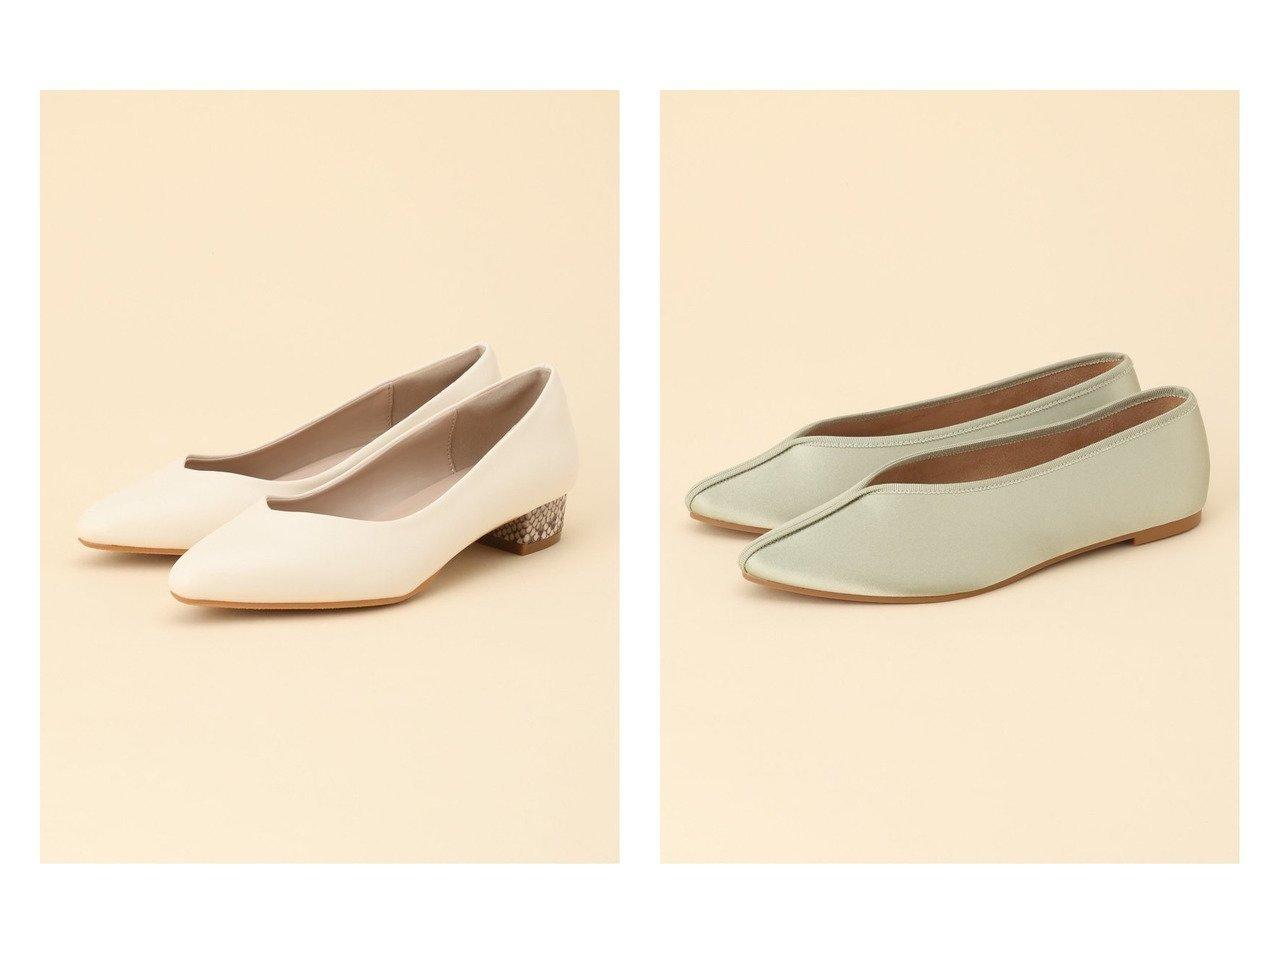 【LEPSIM LOWRYS FARM/レプシィム ローリーズファーム】のローヒールパンプス&アソートタイワンシューズ シューズ・靴のおすすめ!人気、トレンド・レディースファッションの通販 おすすめで人気の流行・トレンド、ファッションの通販商品 メンズファッション・キッズファッション・インテリア・家具・レディースファッション・服の通販 founy(ファニー) https://founy.com/ ファッション Fashion レディースファッション WOMEN サテン シューズ シンプル トレンド 春 Spring おすすめ Recommend クッション ベーシック 再入荷 Restock/Back in Stock/Re Arrival 抗菌 |ID:crp329100000023932